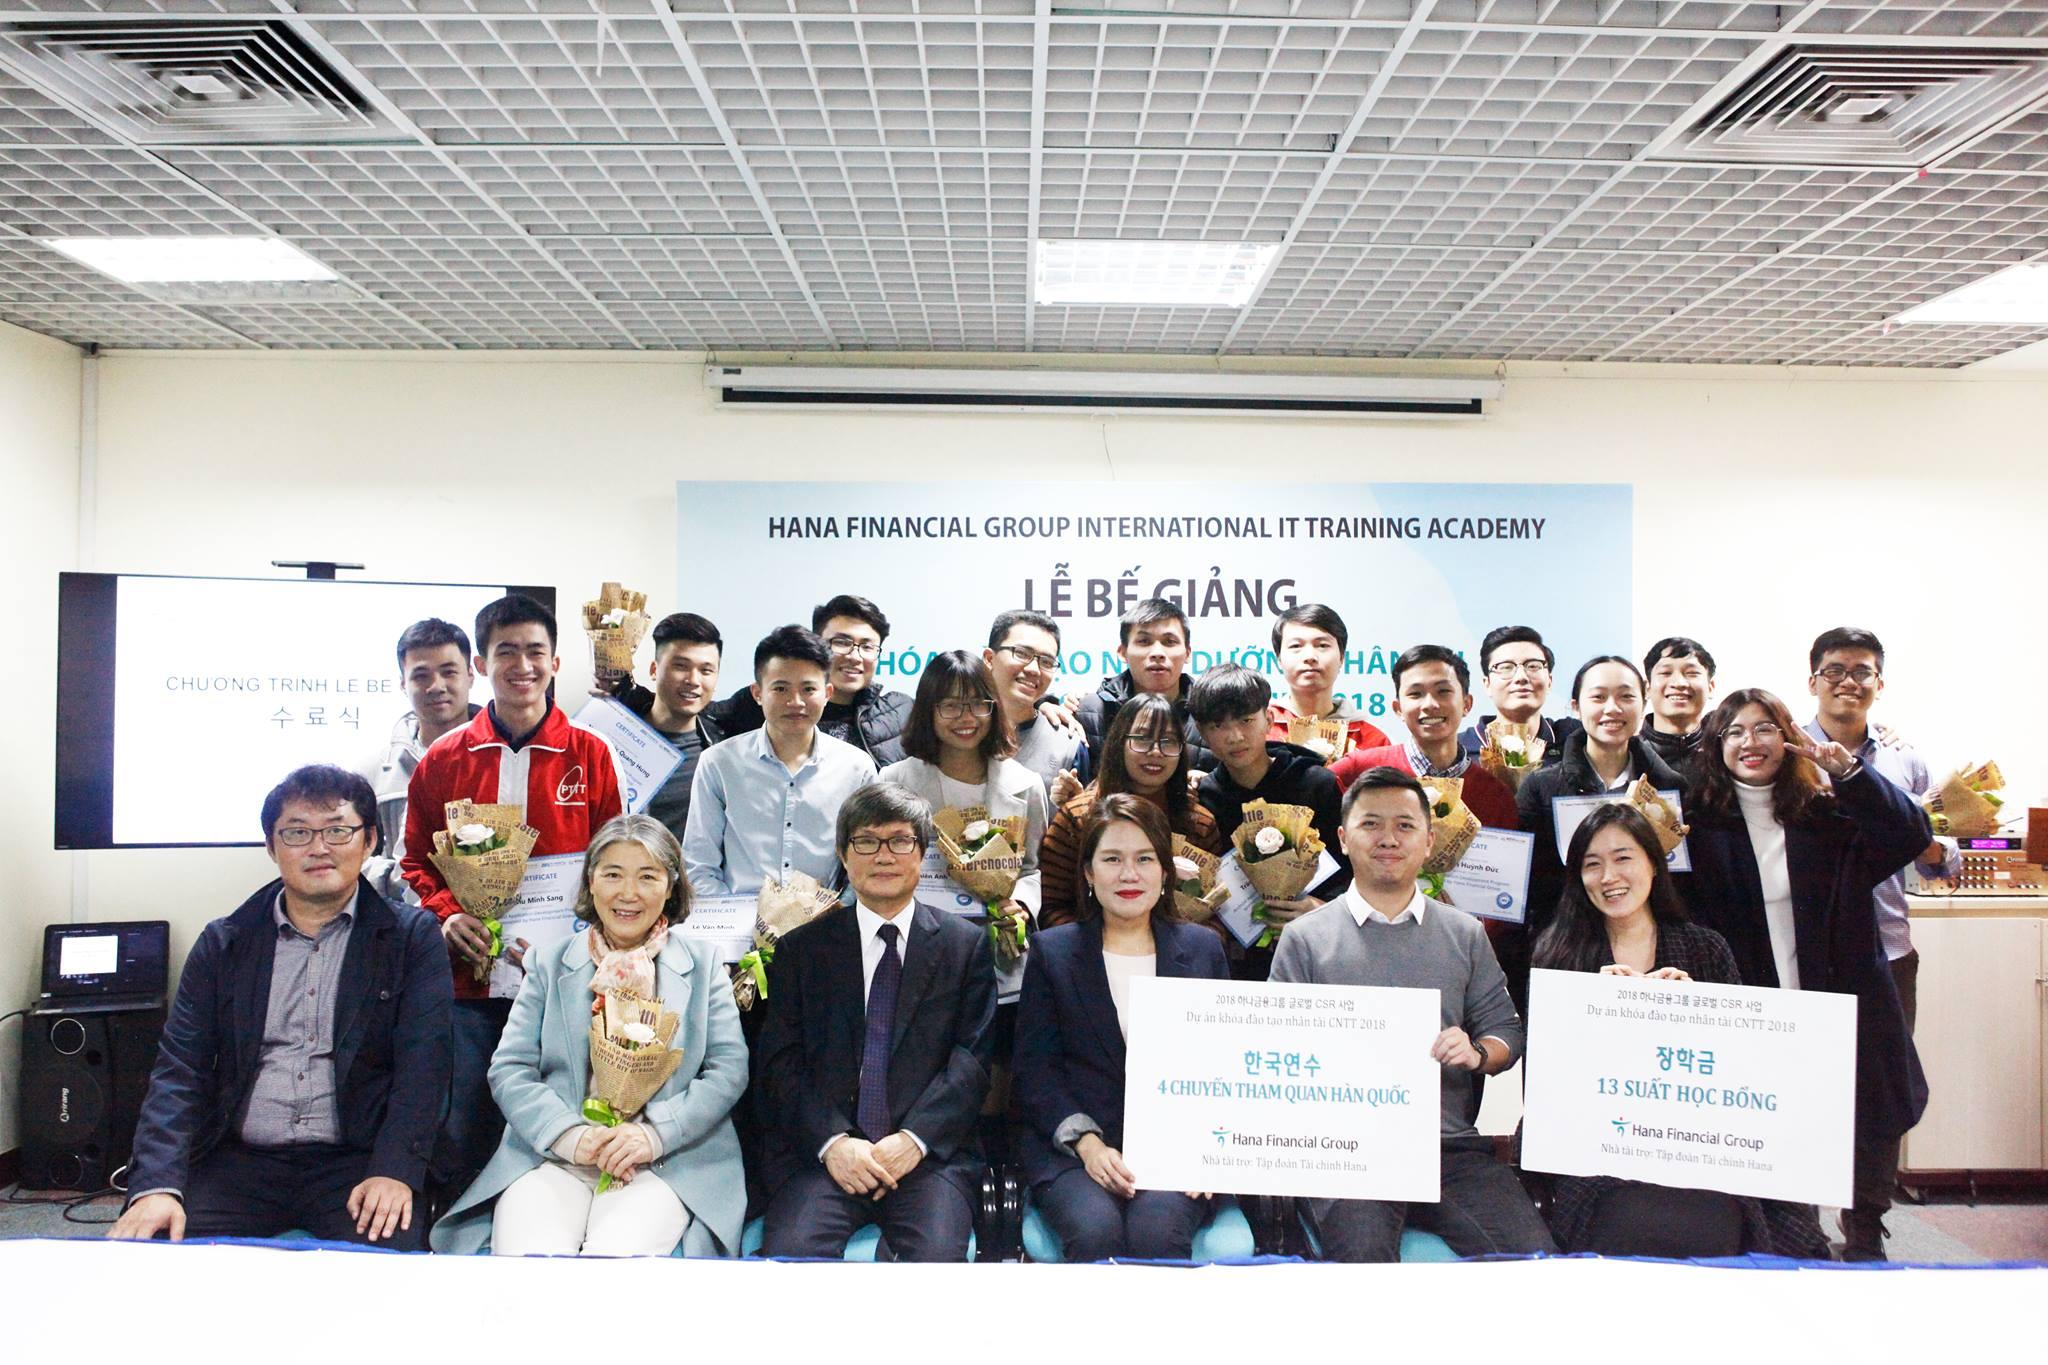 Lễ bế giảng Chương trình Đào tạo nuôi dưỡng nhân tài CNTT 2018